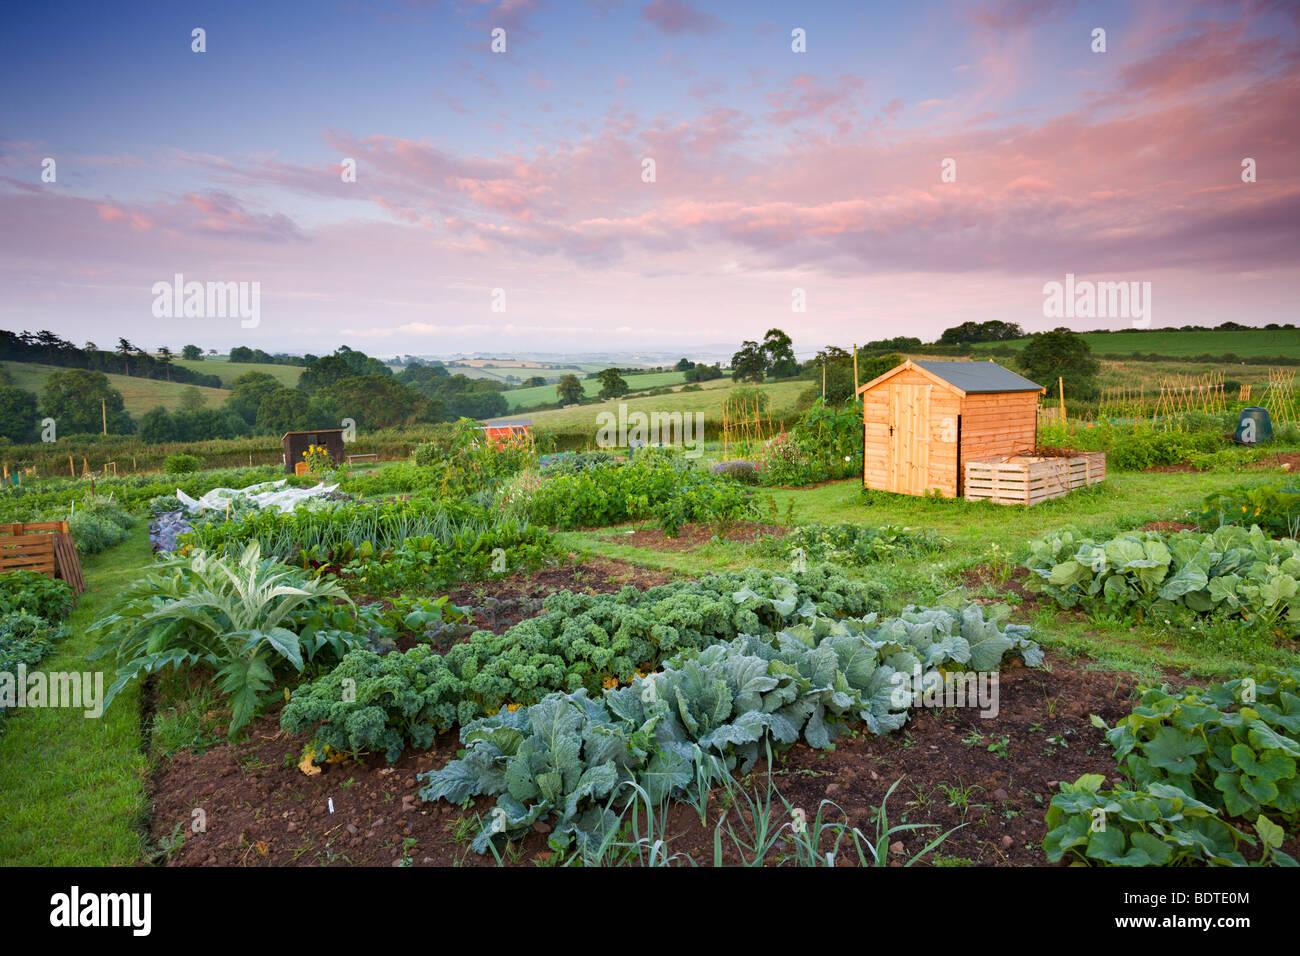 Gemüse wächst auf einem ländlichen Zuteilung, Morchard Bischof, Devon, England. Sommer (Juli) 2009 Stockbild